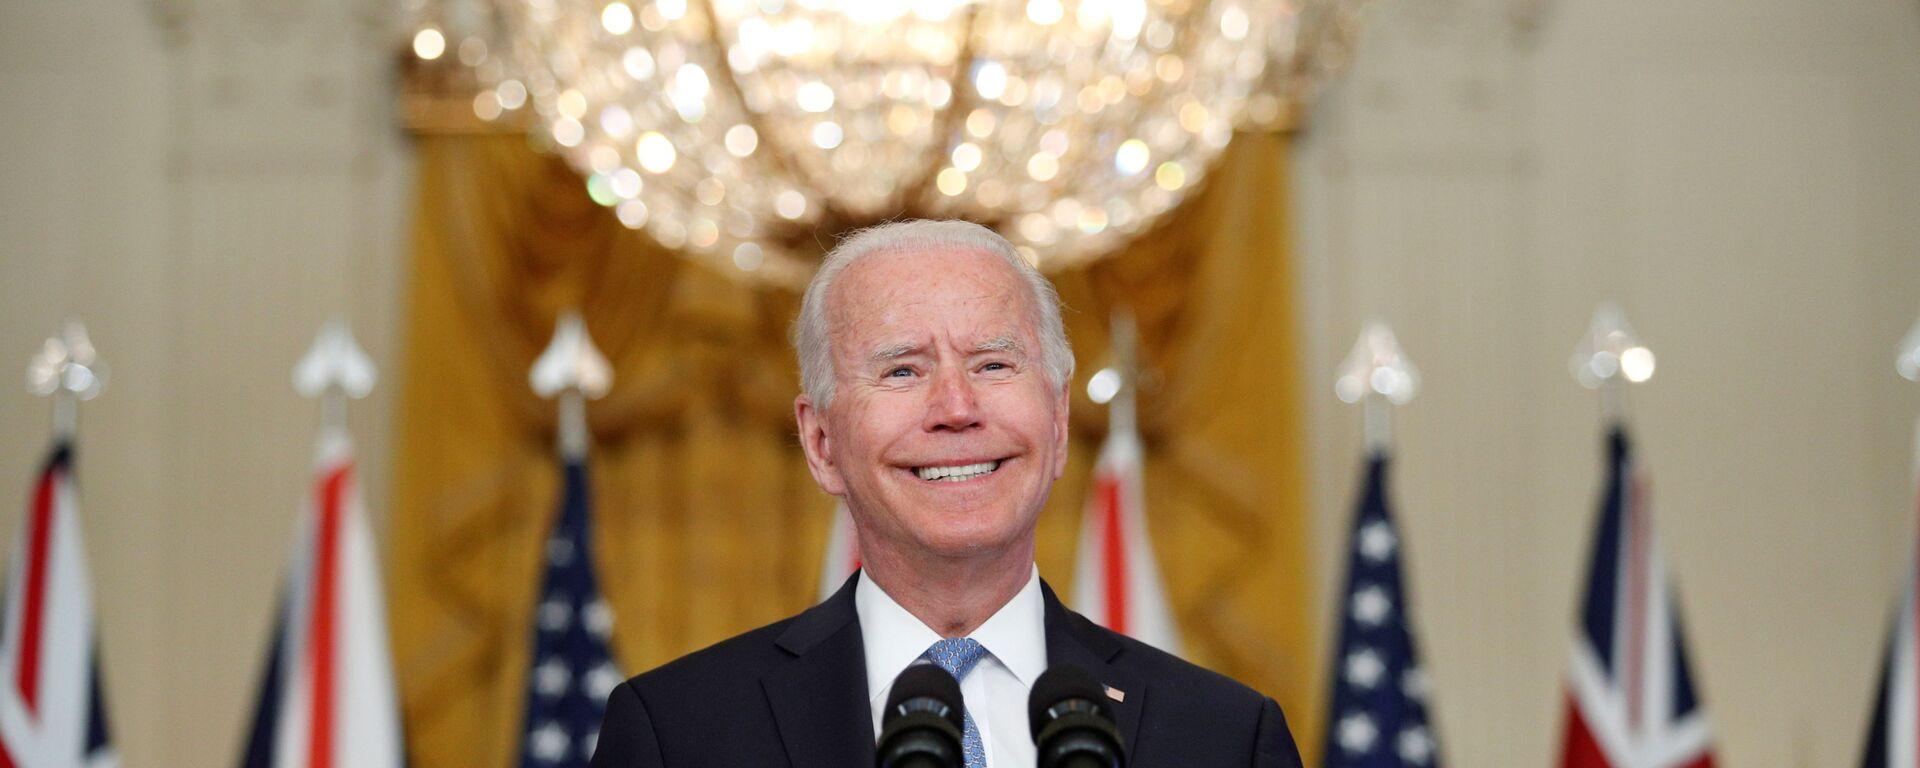 Americký prezident Joe Biden - Sputnik Česká republika, 1920, 29.09.2021